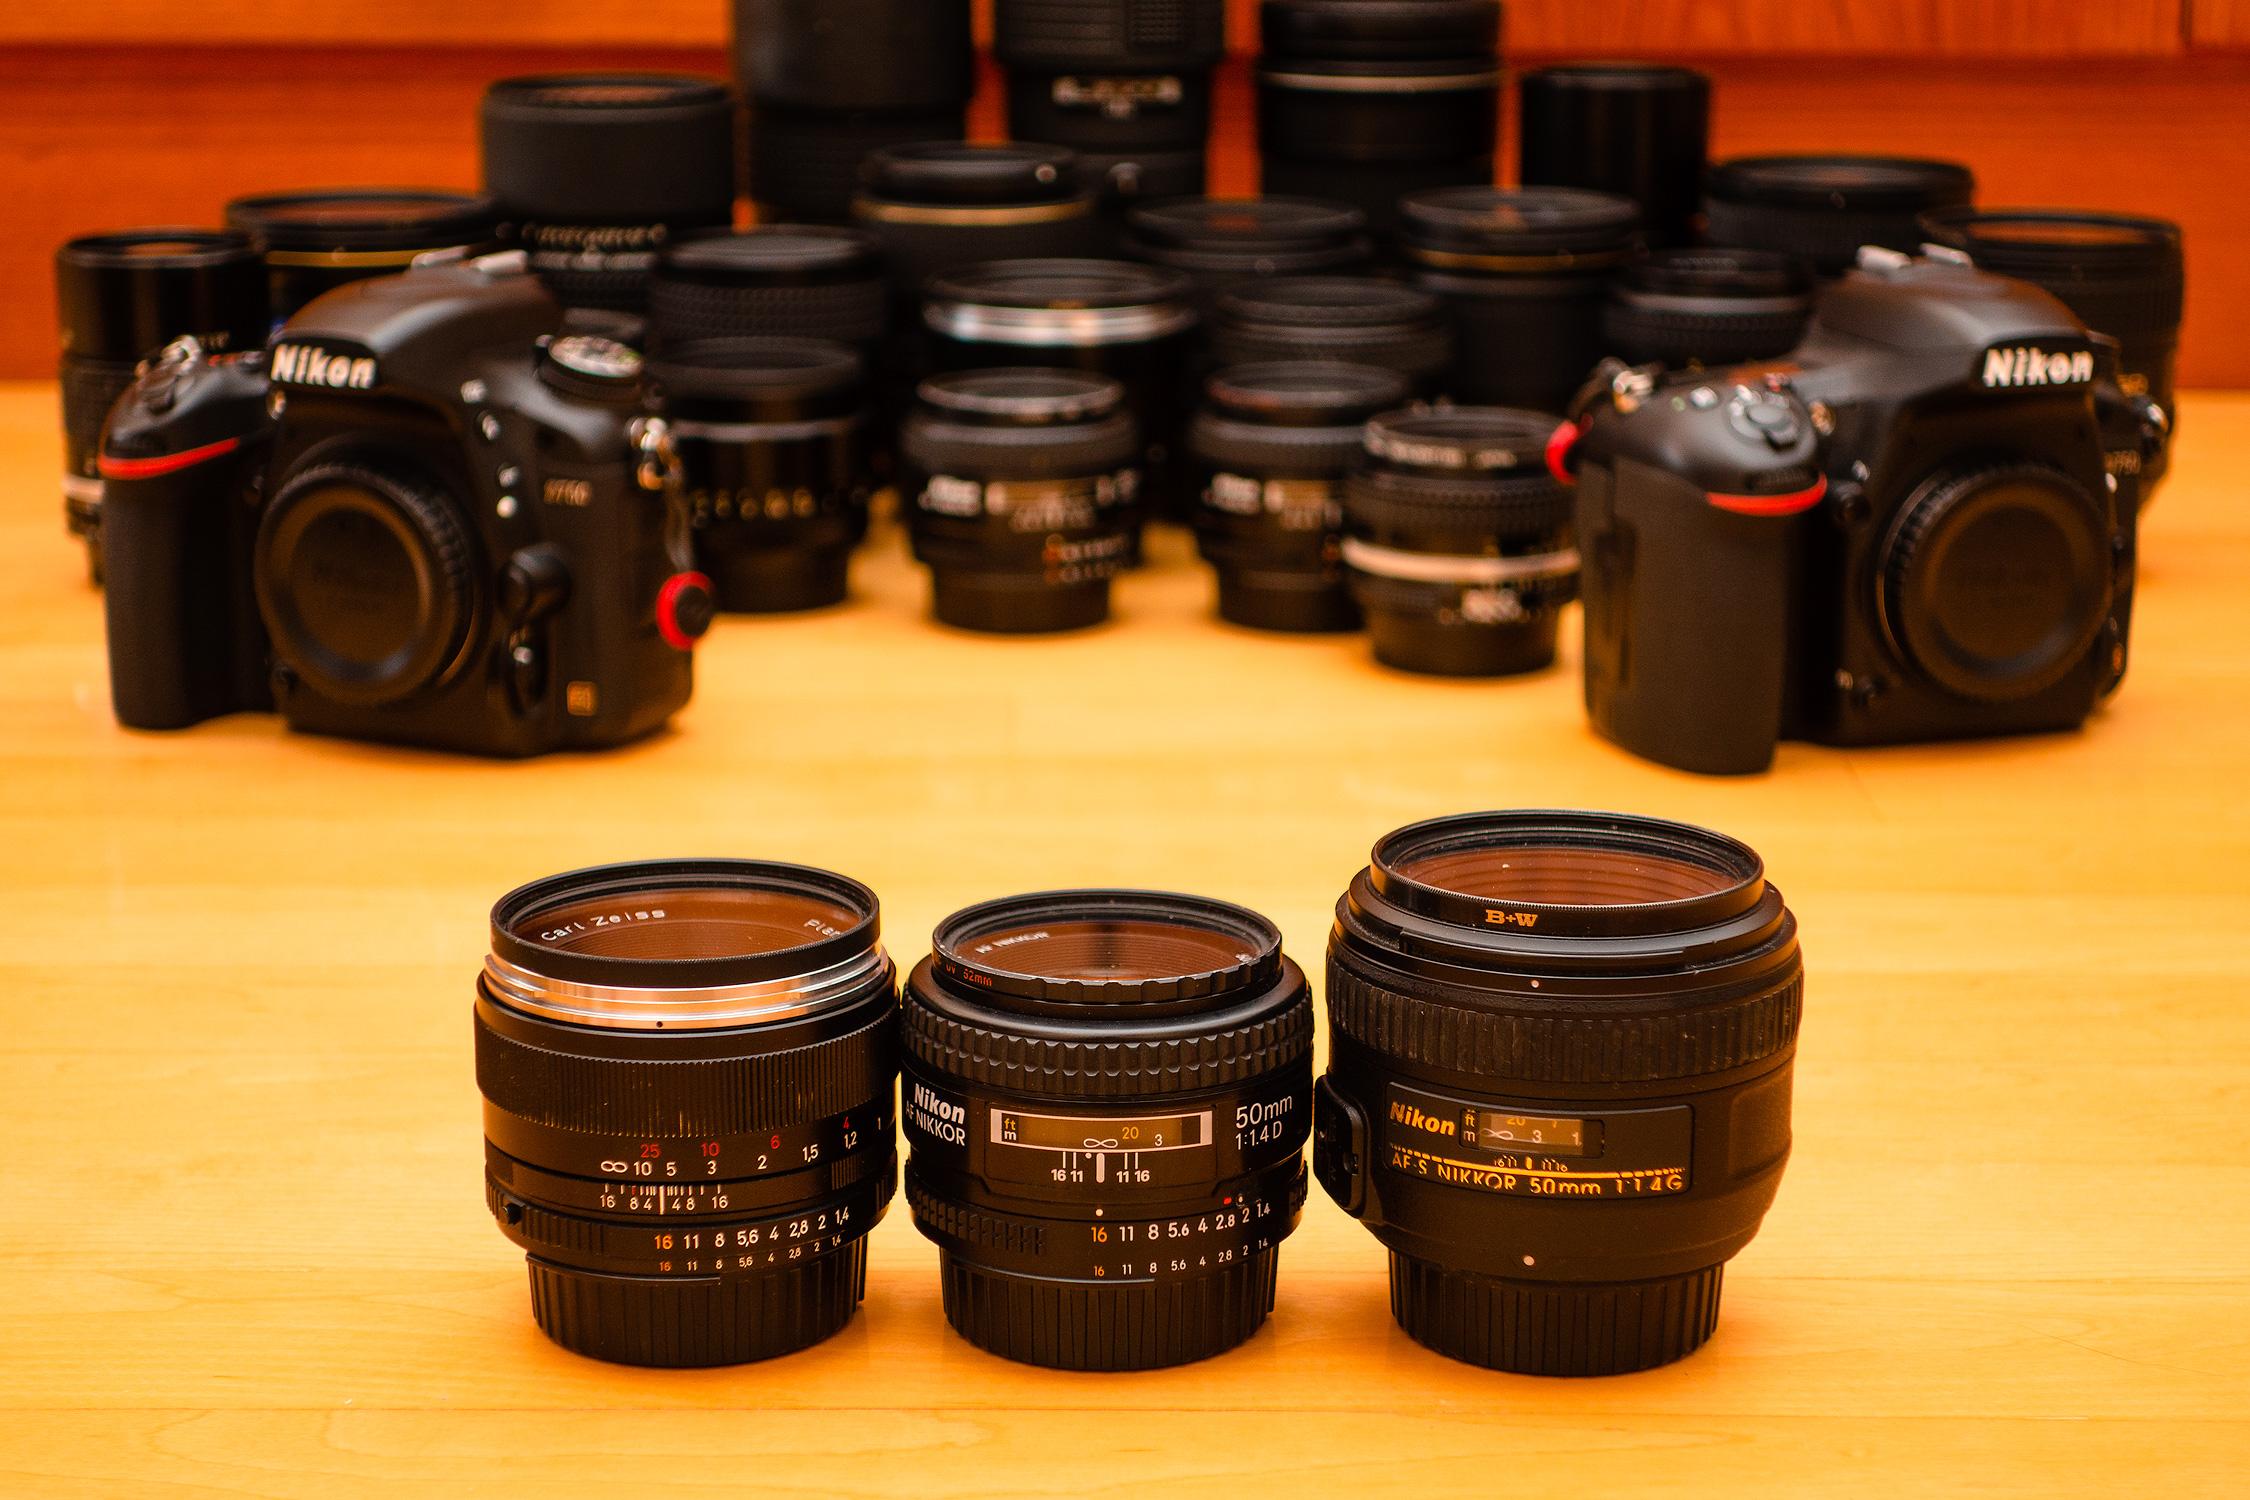 Best 50mm, Best daylight AF 50mm, Best night time AF 50mm